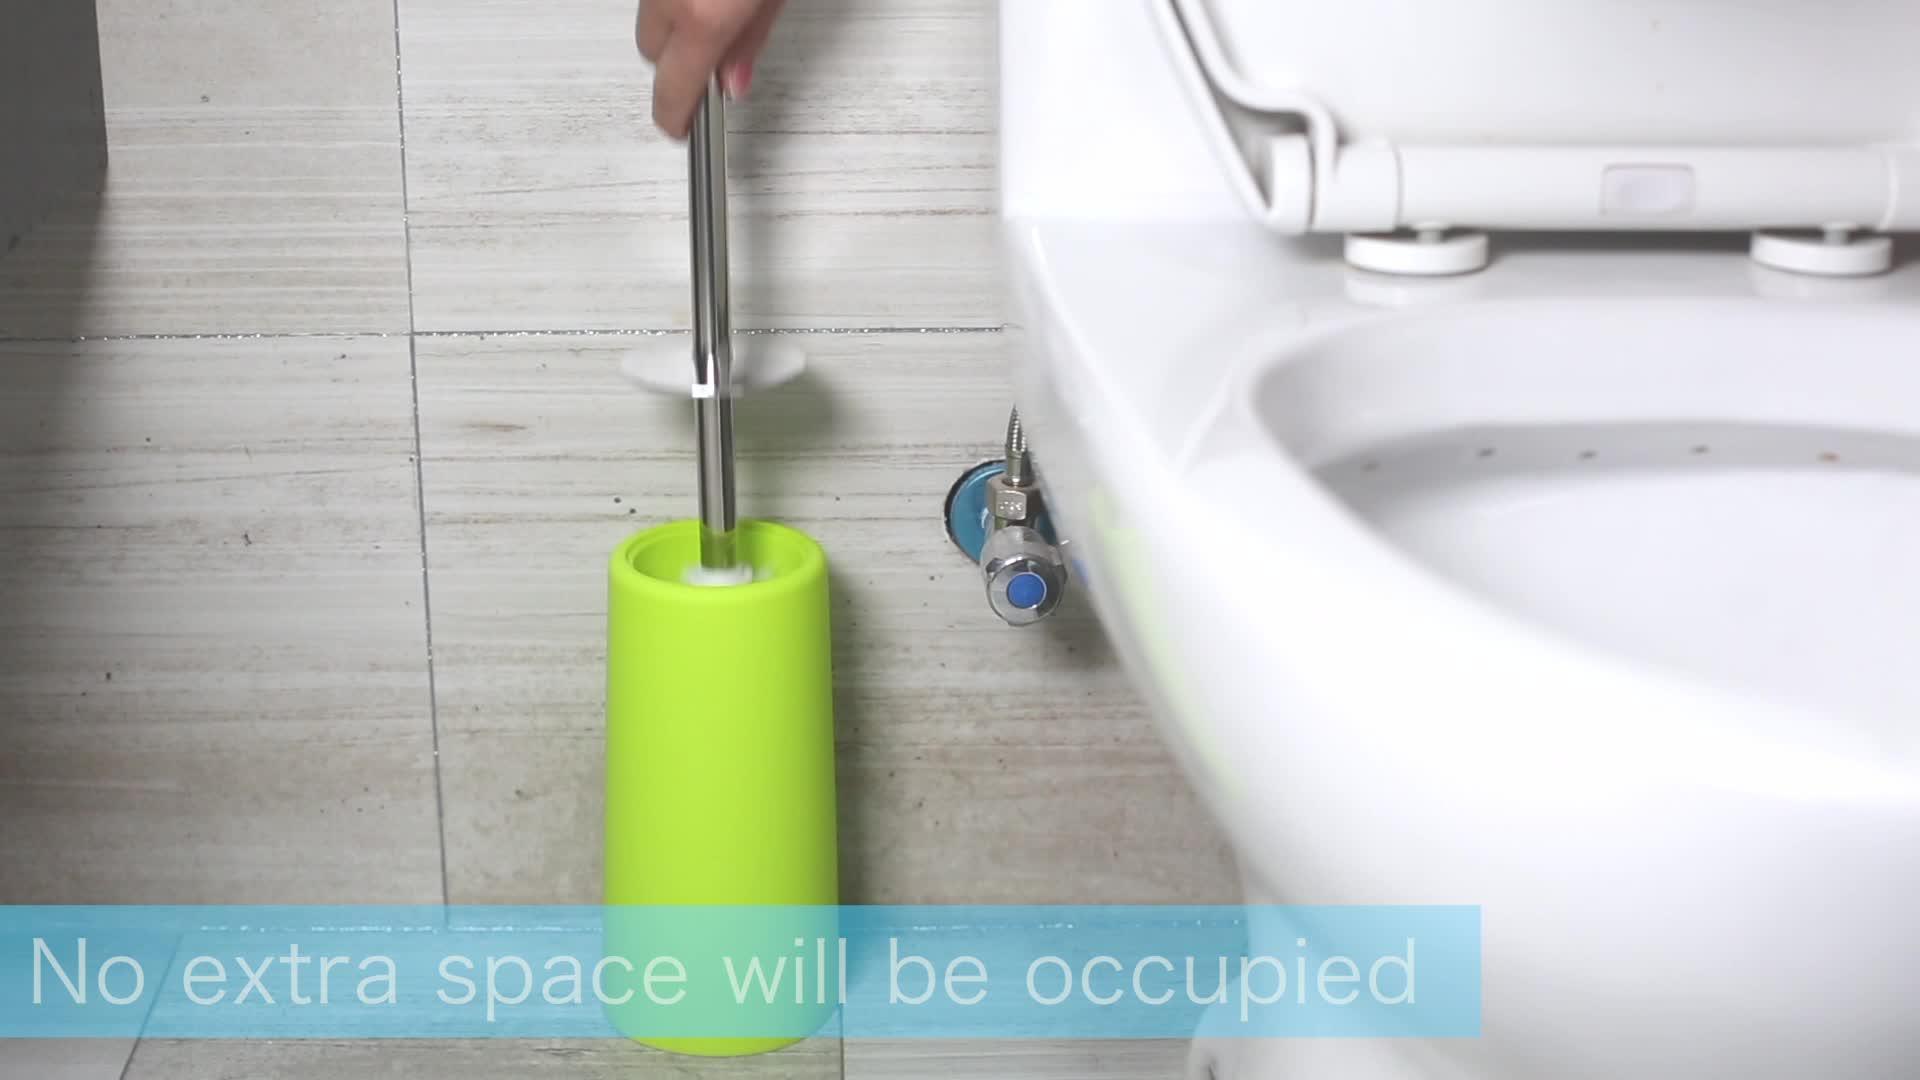 Hochwertige Haushaltsgeräte reinigen antibakterielle Toilettenbürste